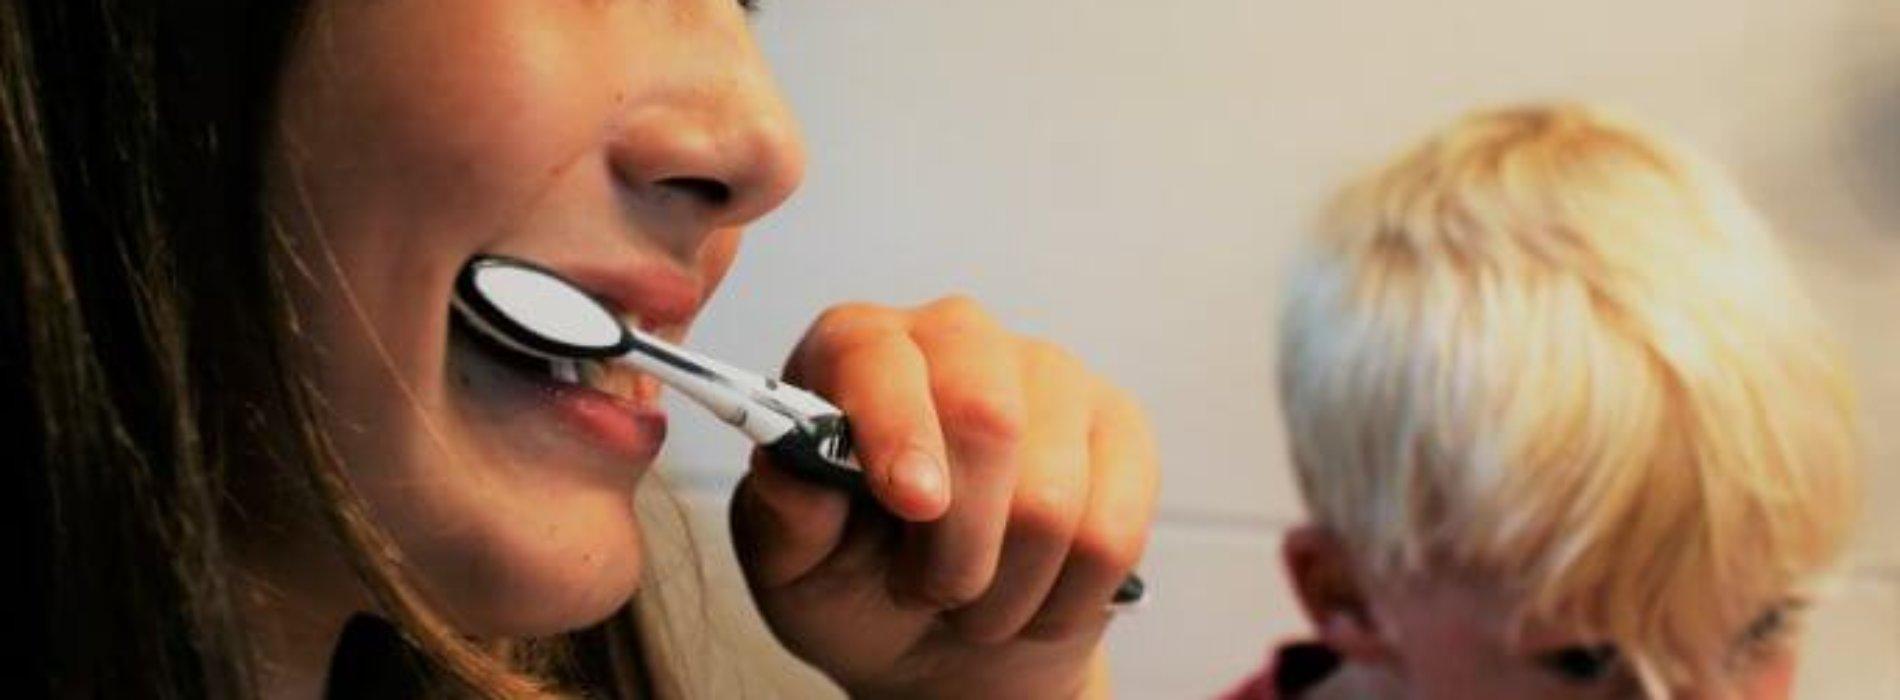 Dentofobia, czyli lęk przed dentystą